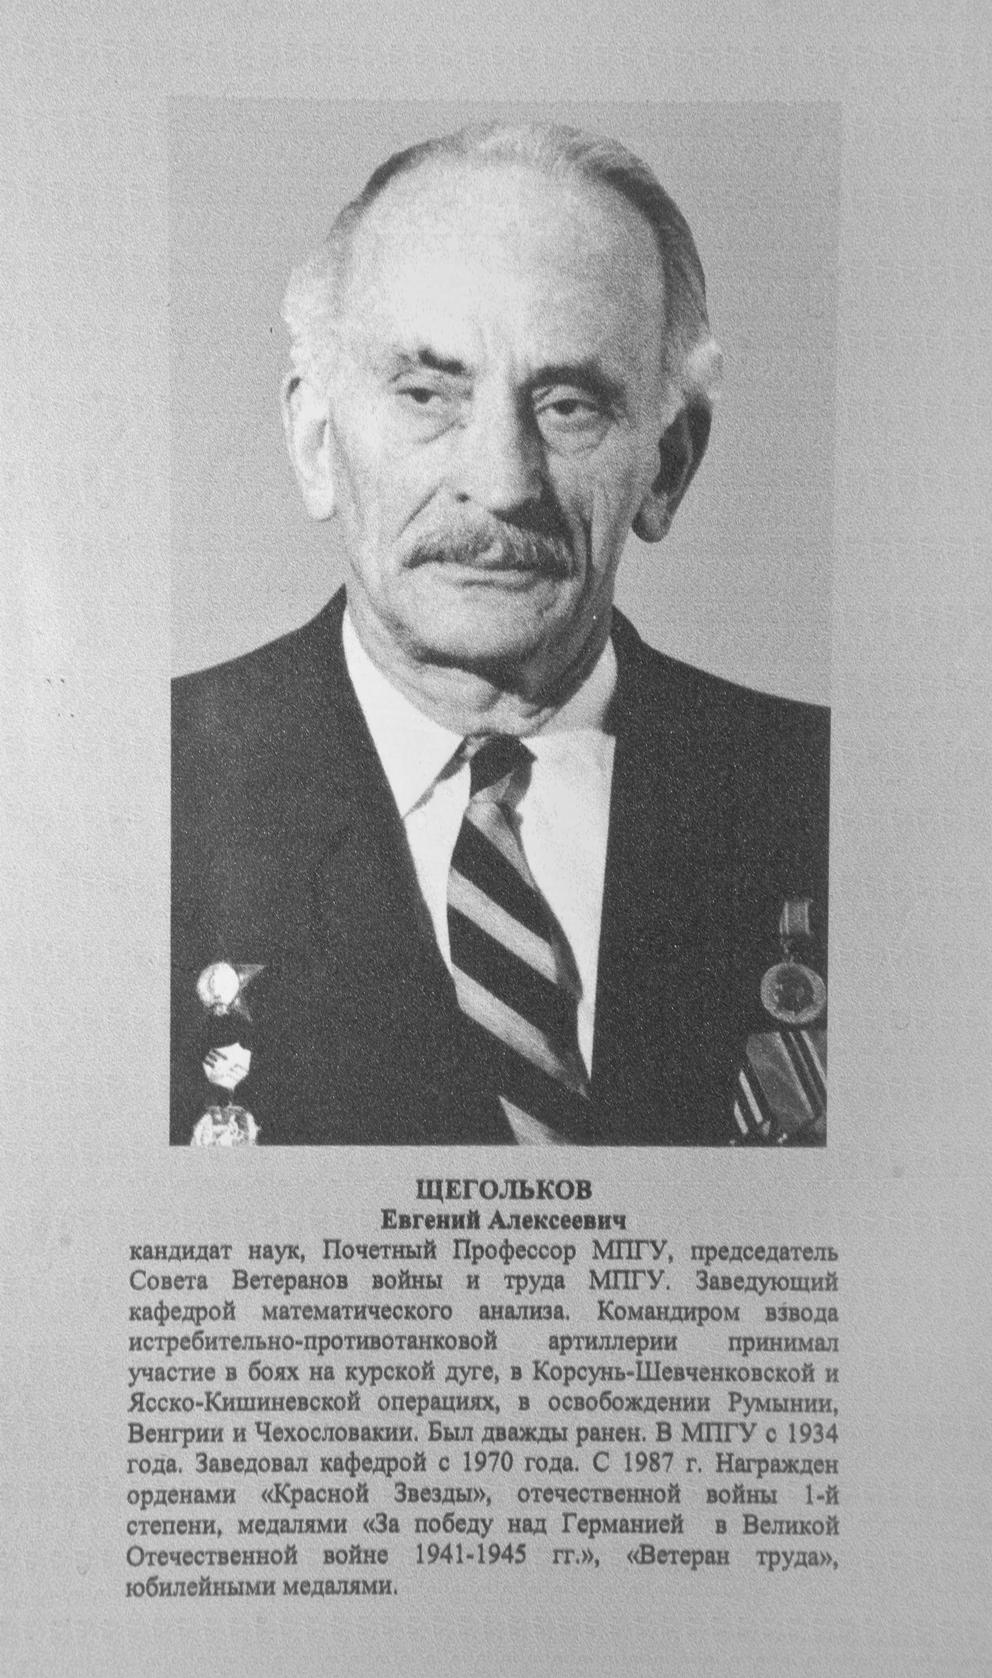 Щегольков Е.А.